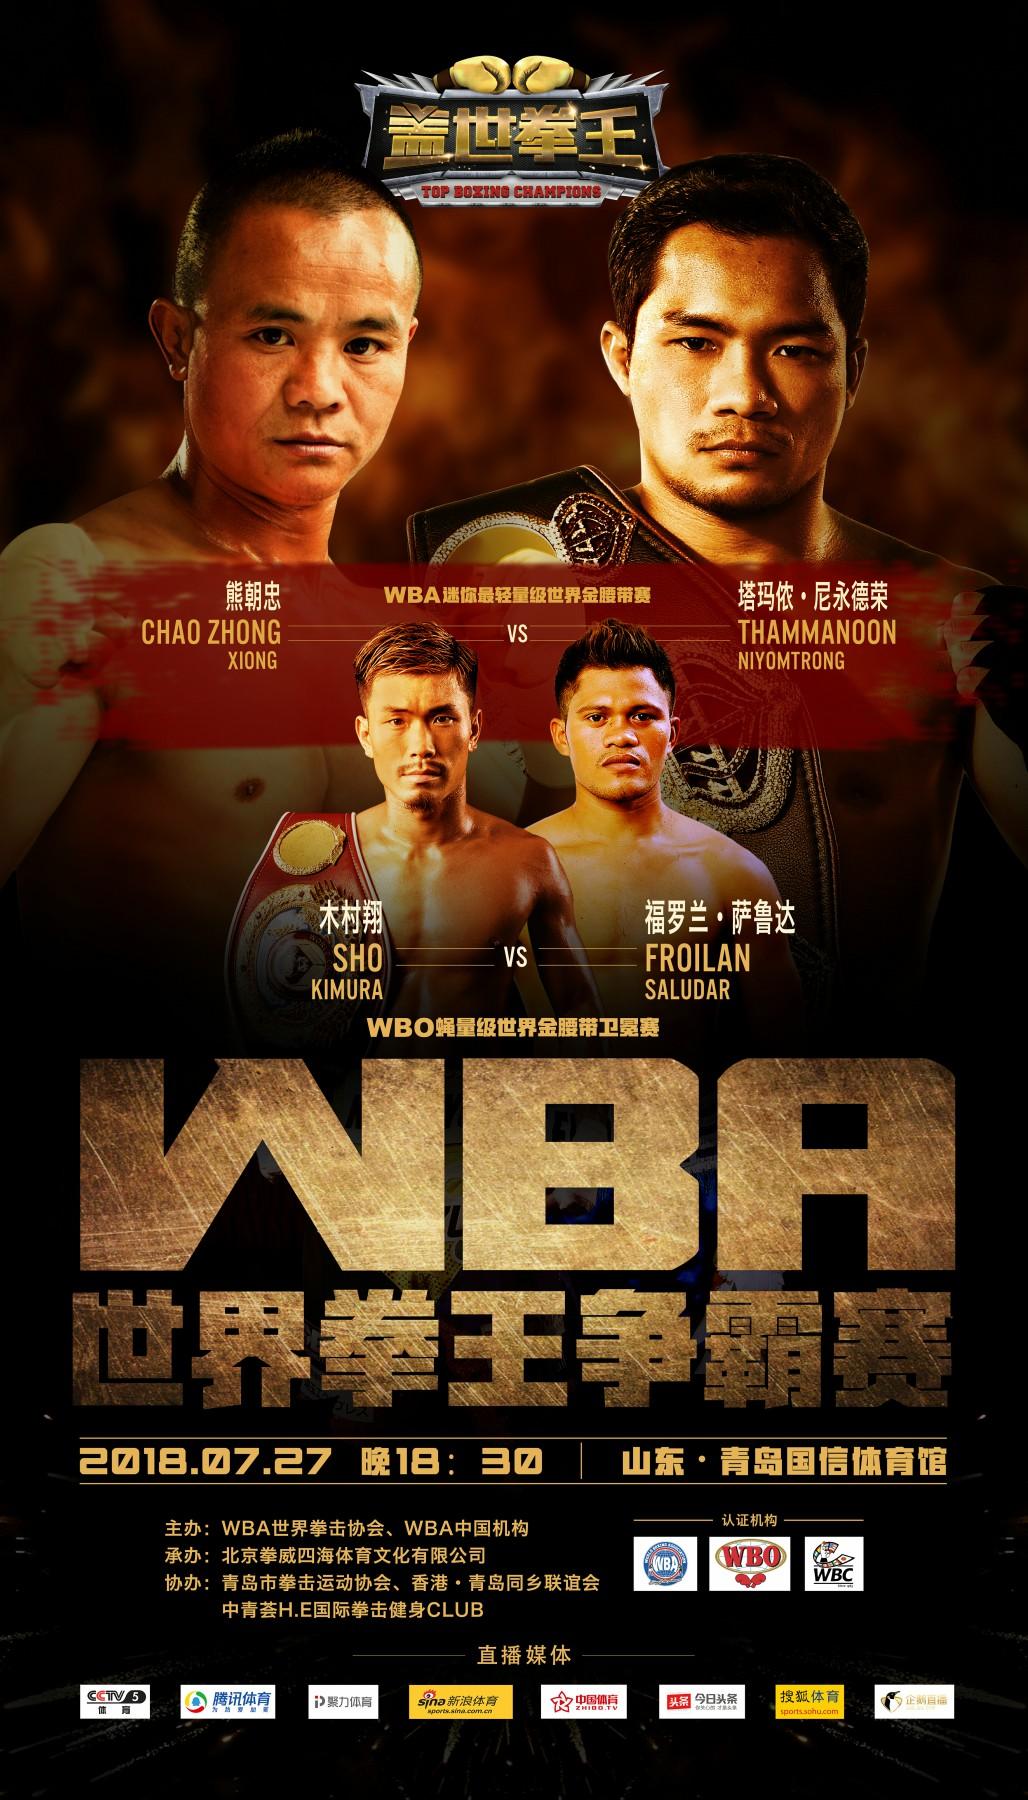 中国拳击史上最强对决: 熊朝忠七战金腰带迎劲敌,木村翔同台卫冕!